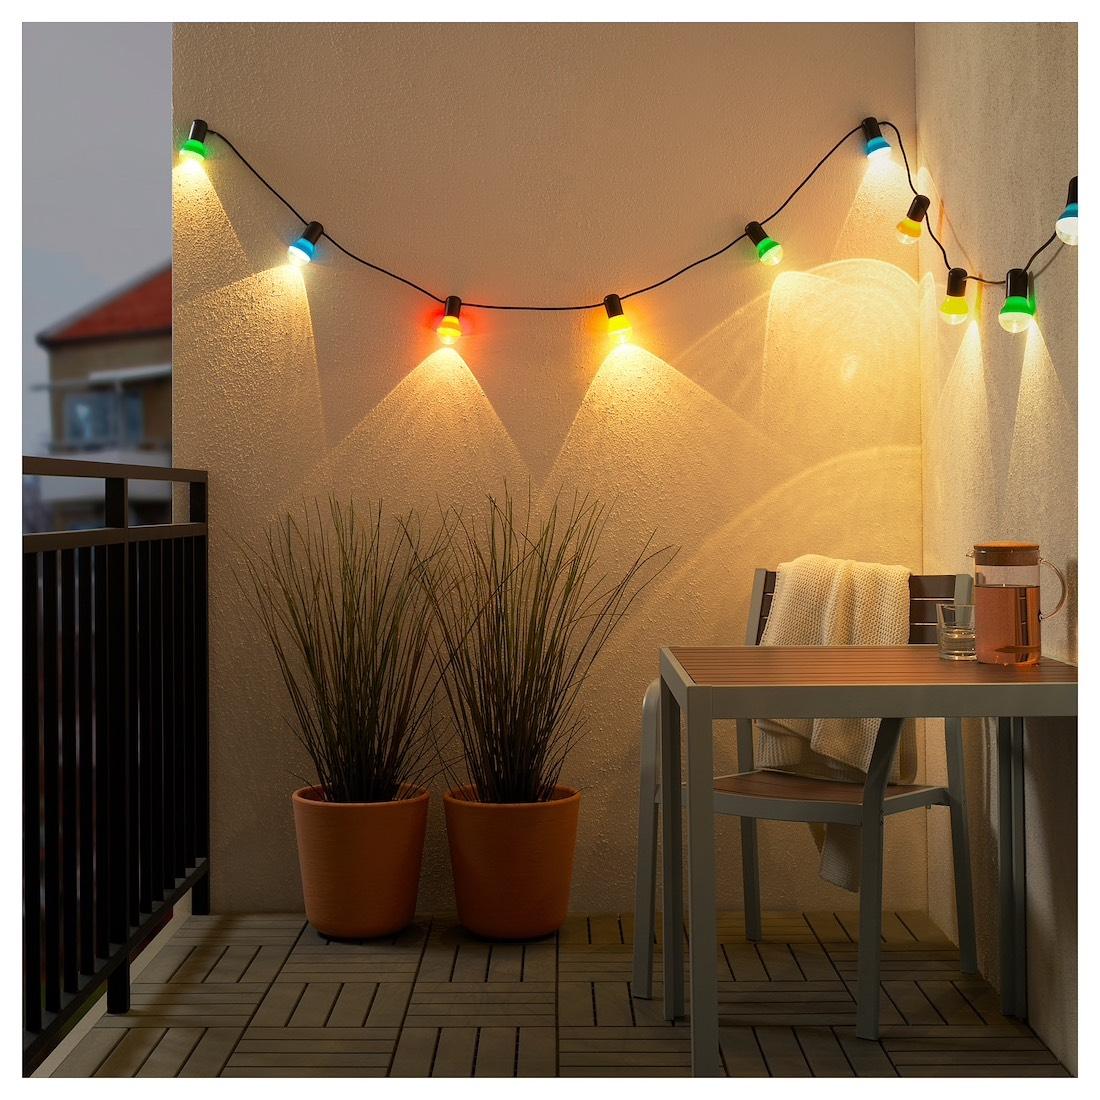 ikea family solvinden lichterkette 12 led f r drau en klar bunt au enbeleuchtung. Black Bedroom Furniture Sets. Home Design Ideas